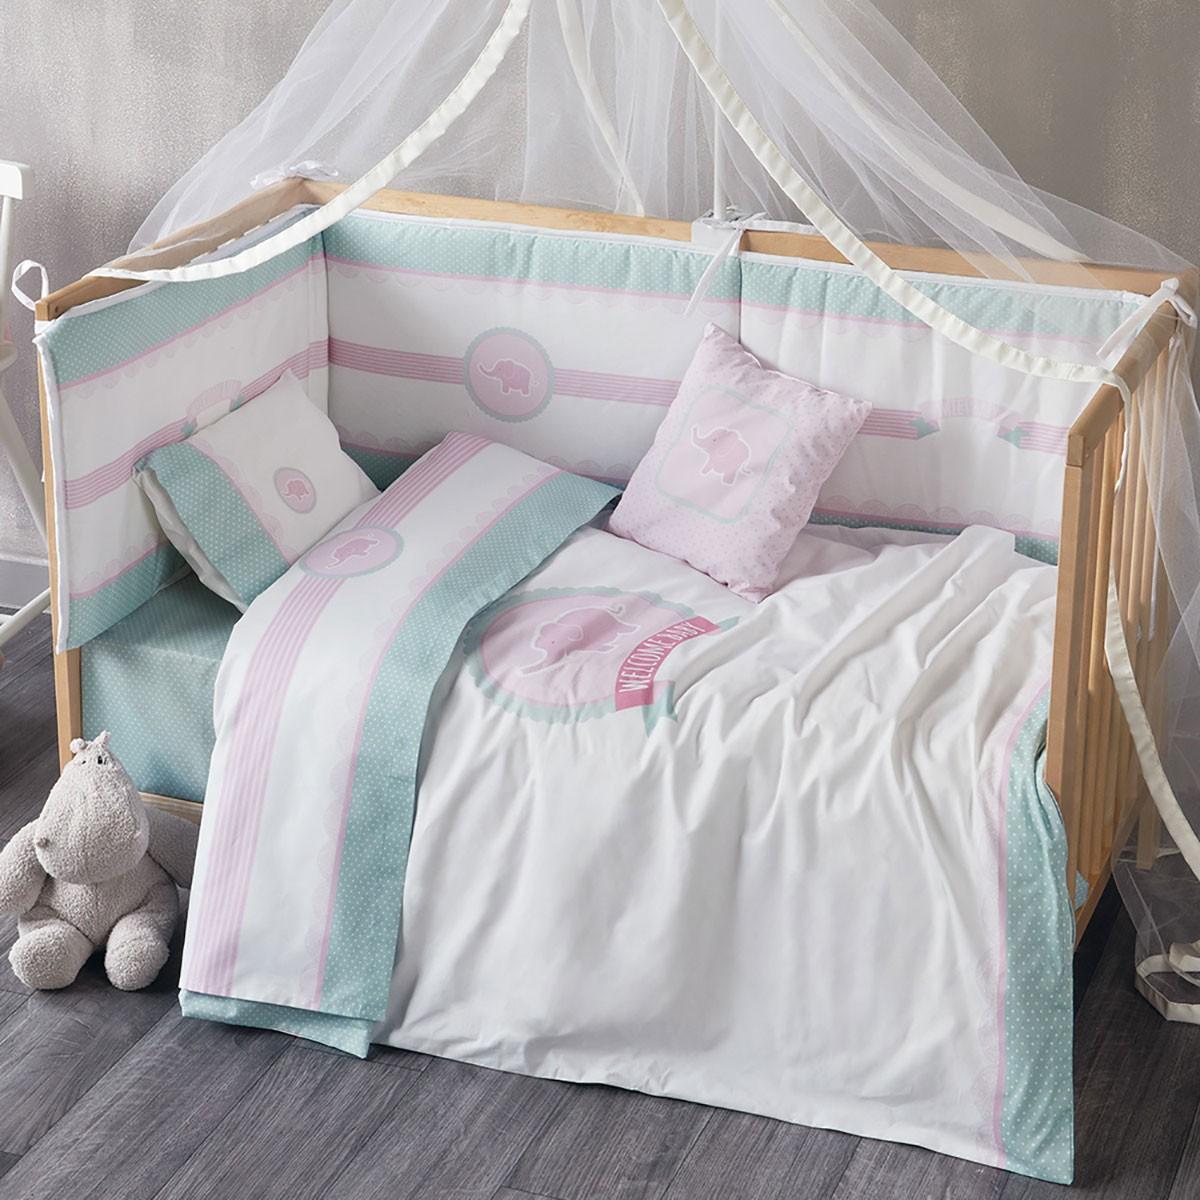 Σεντόνια Κούνιας (Σετ) Kentia Baby Welcome Baby 14